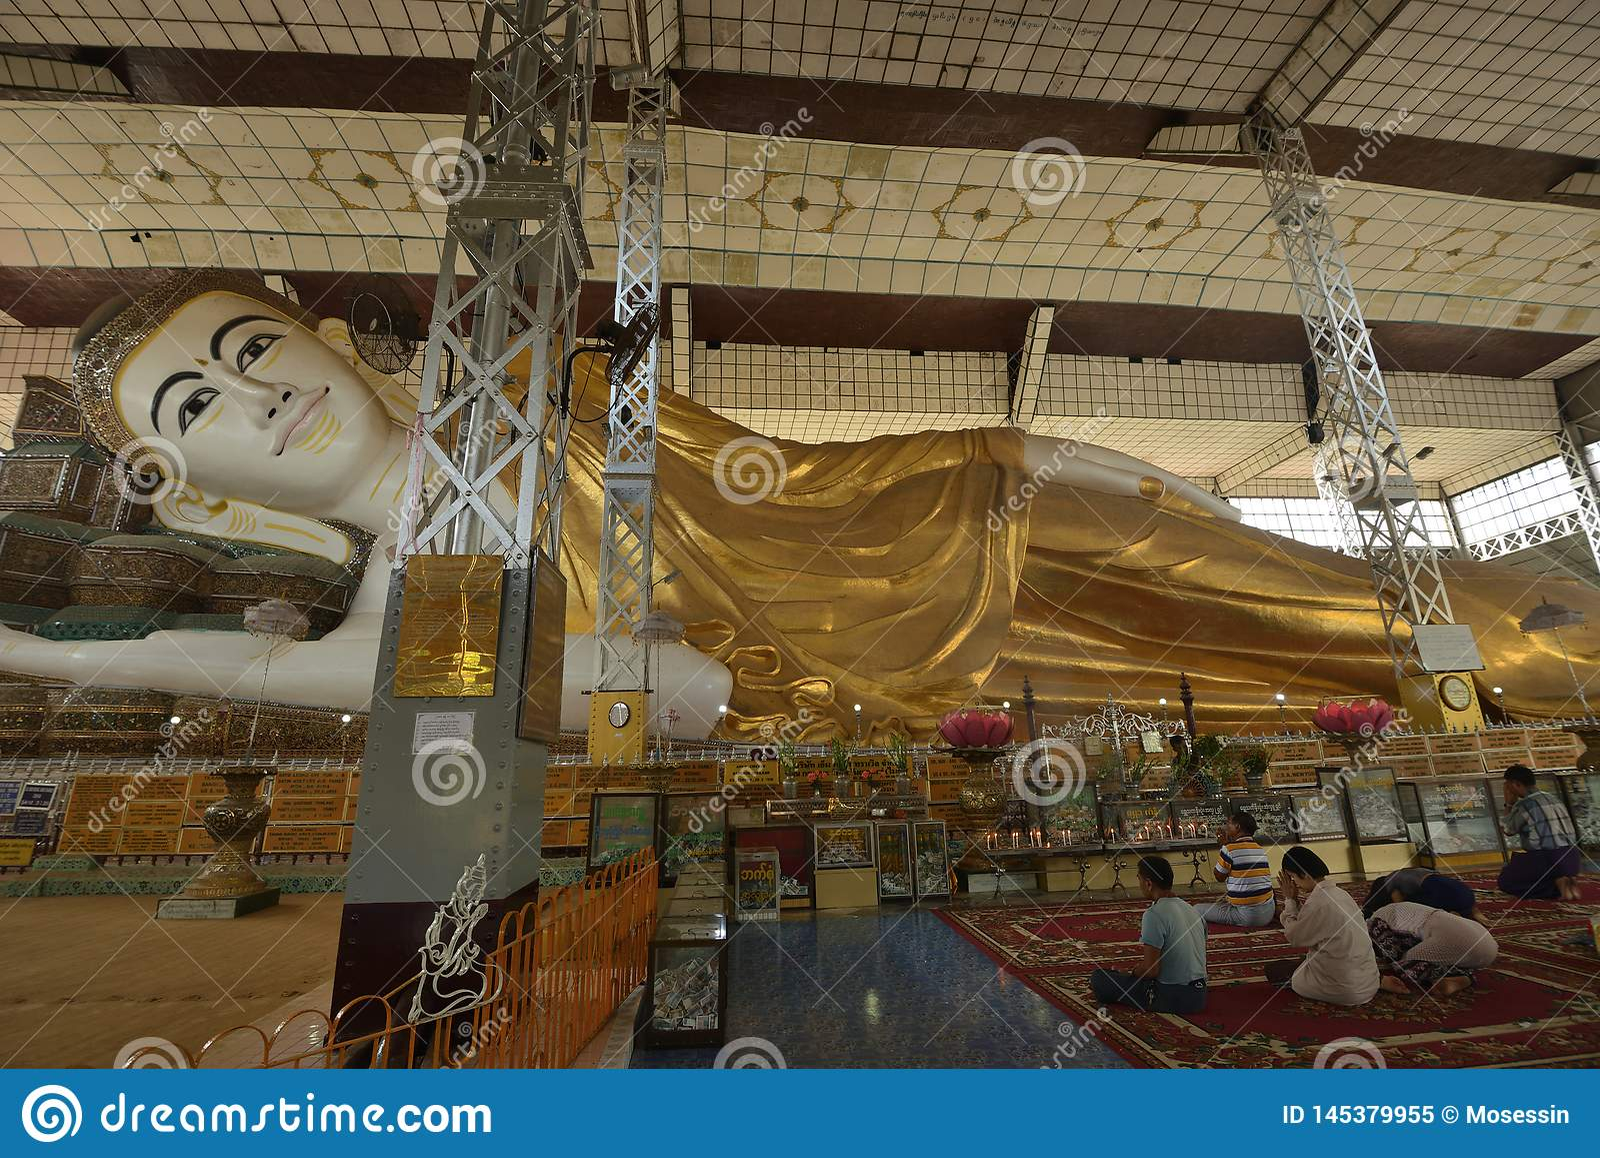 Yangon Bago buddha lying